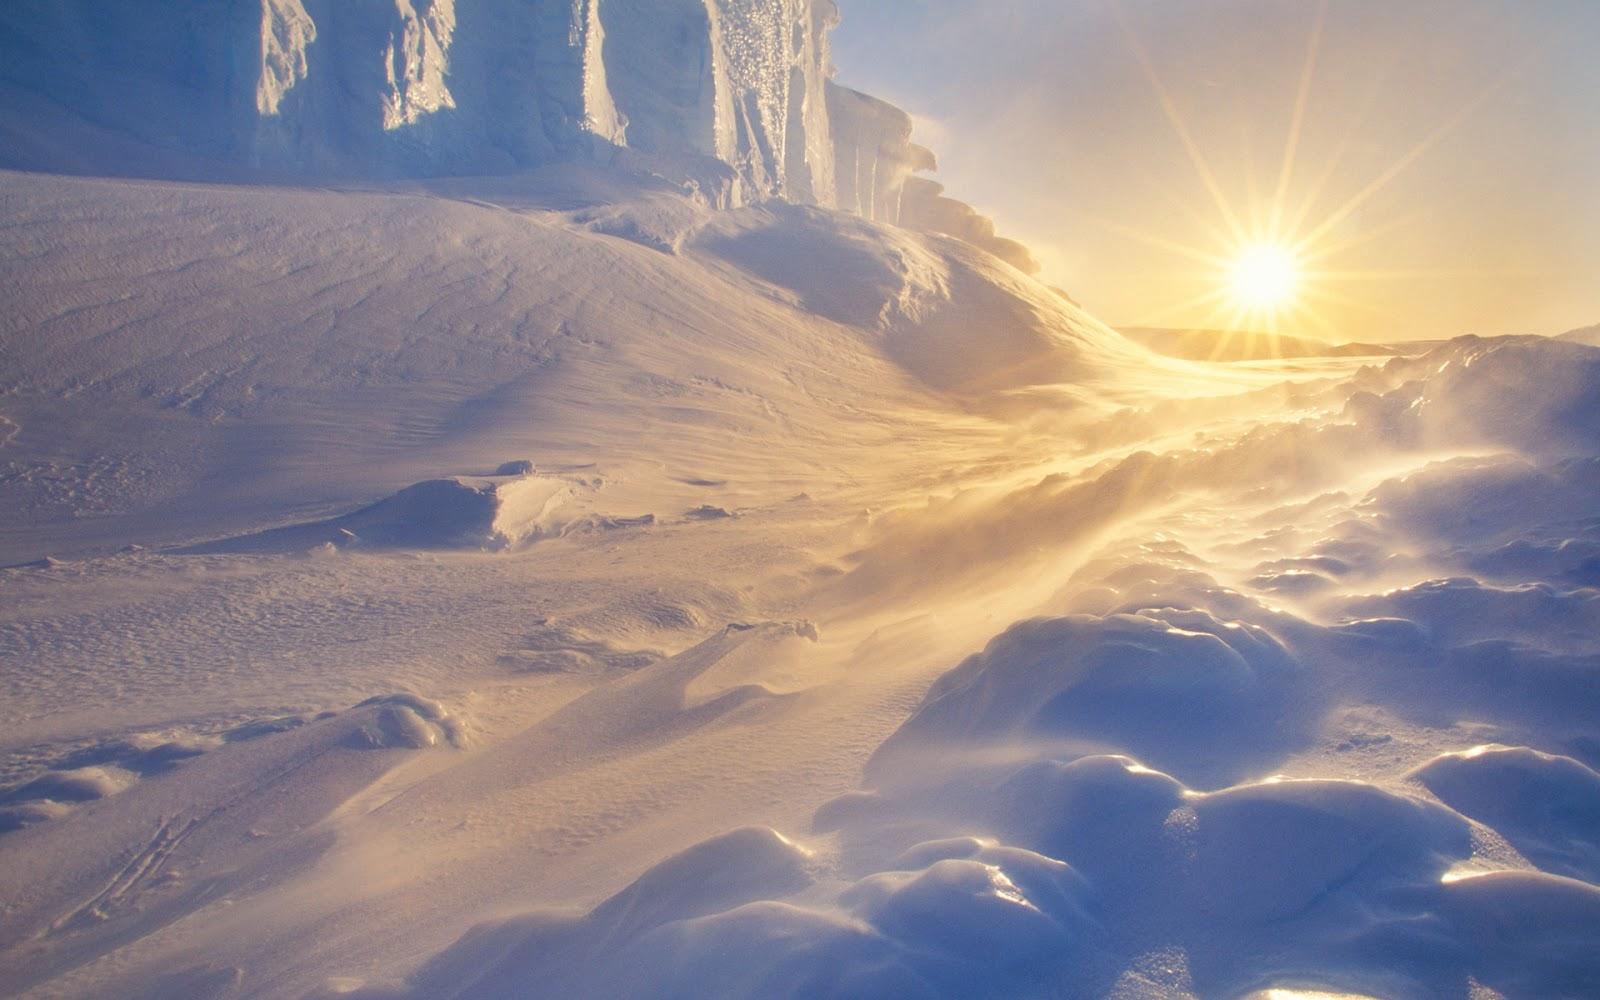 Sol visto apenas de uma extremidade da Antártida